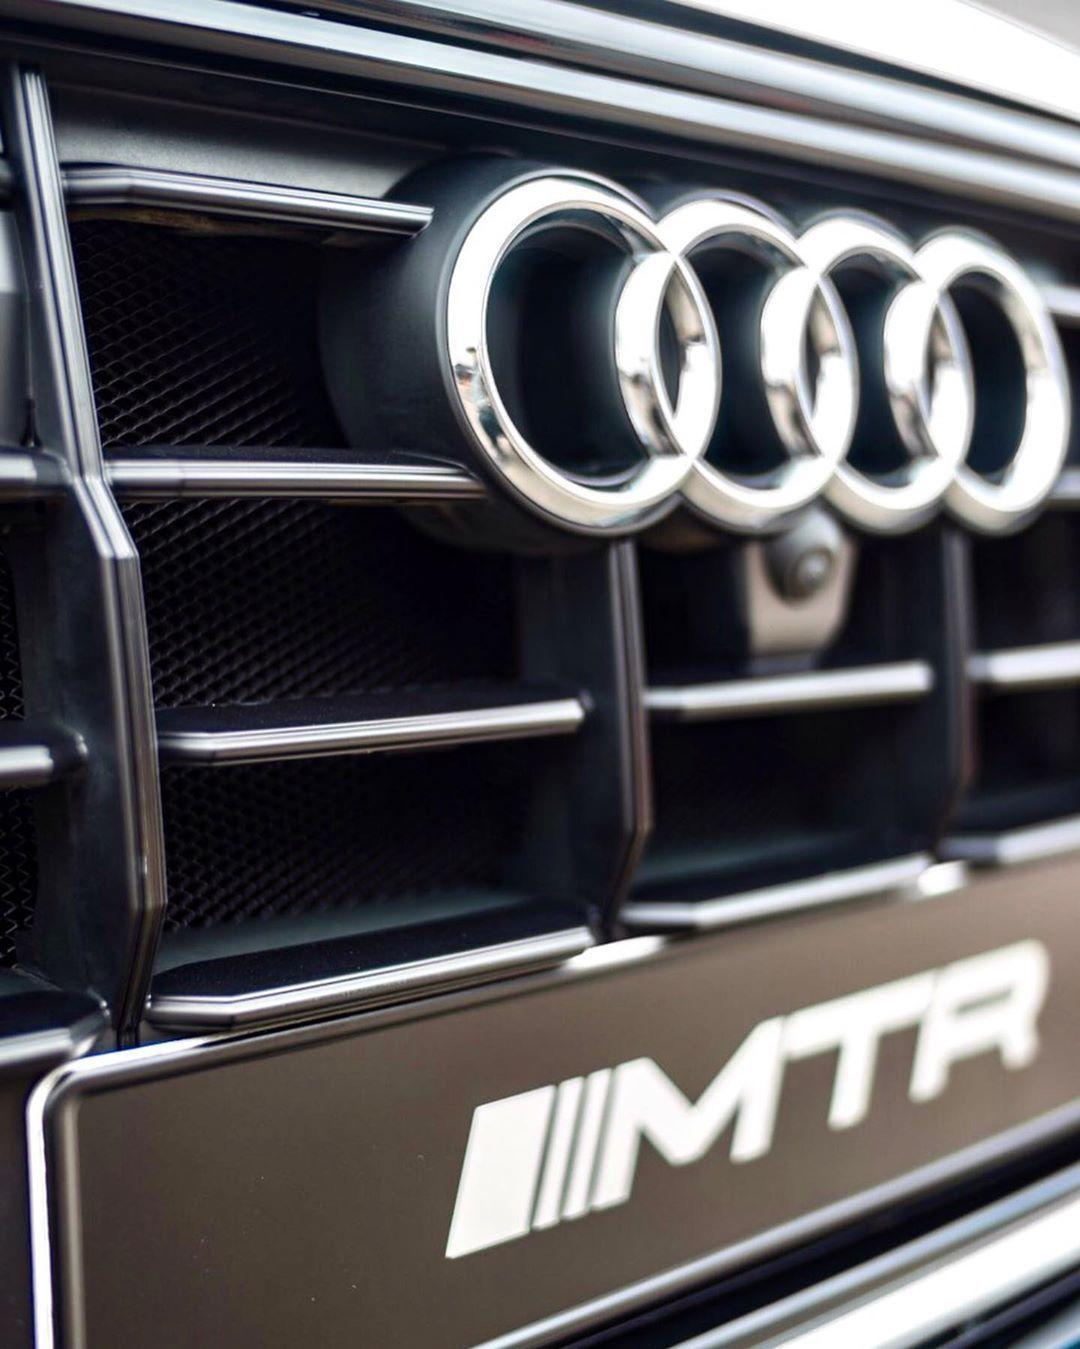 MTR Design Carbon Body Kit for New Audi Q8 latest model